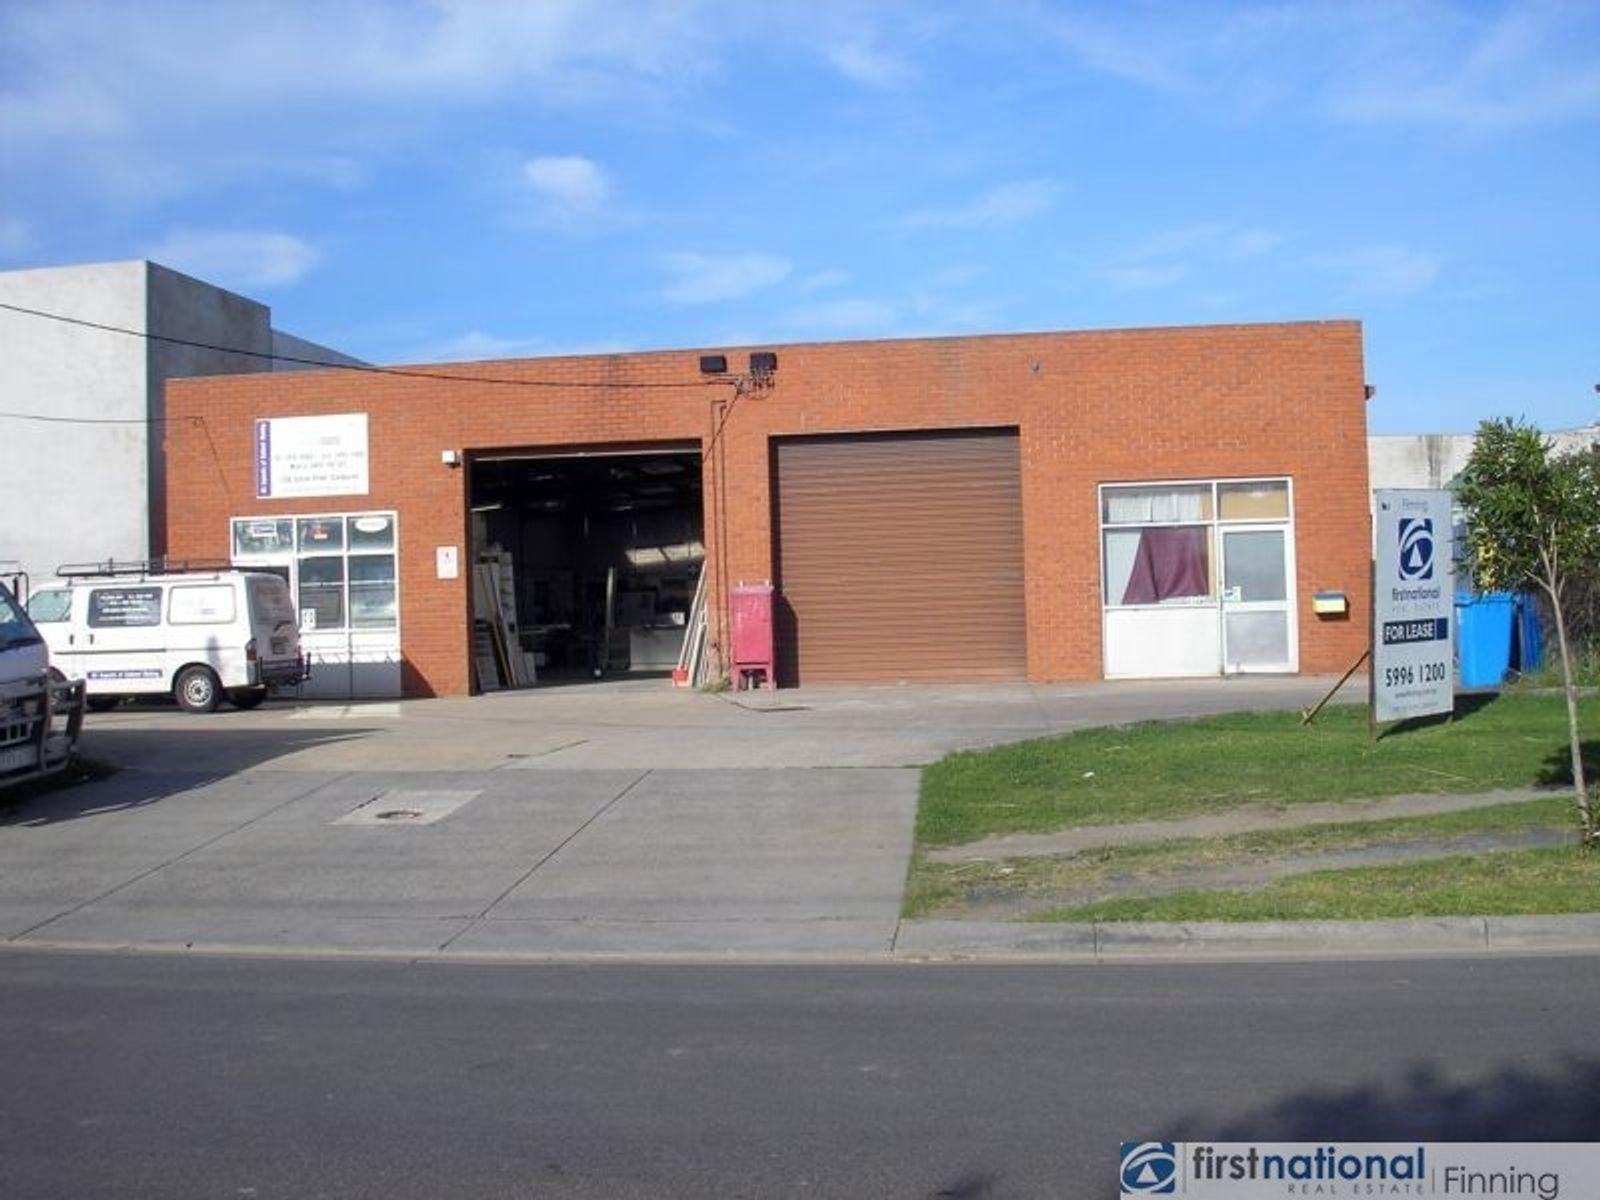 2/36 Station Street, Cranbourne, VIC 3977